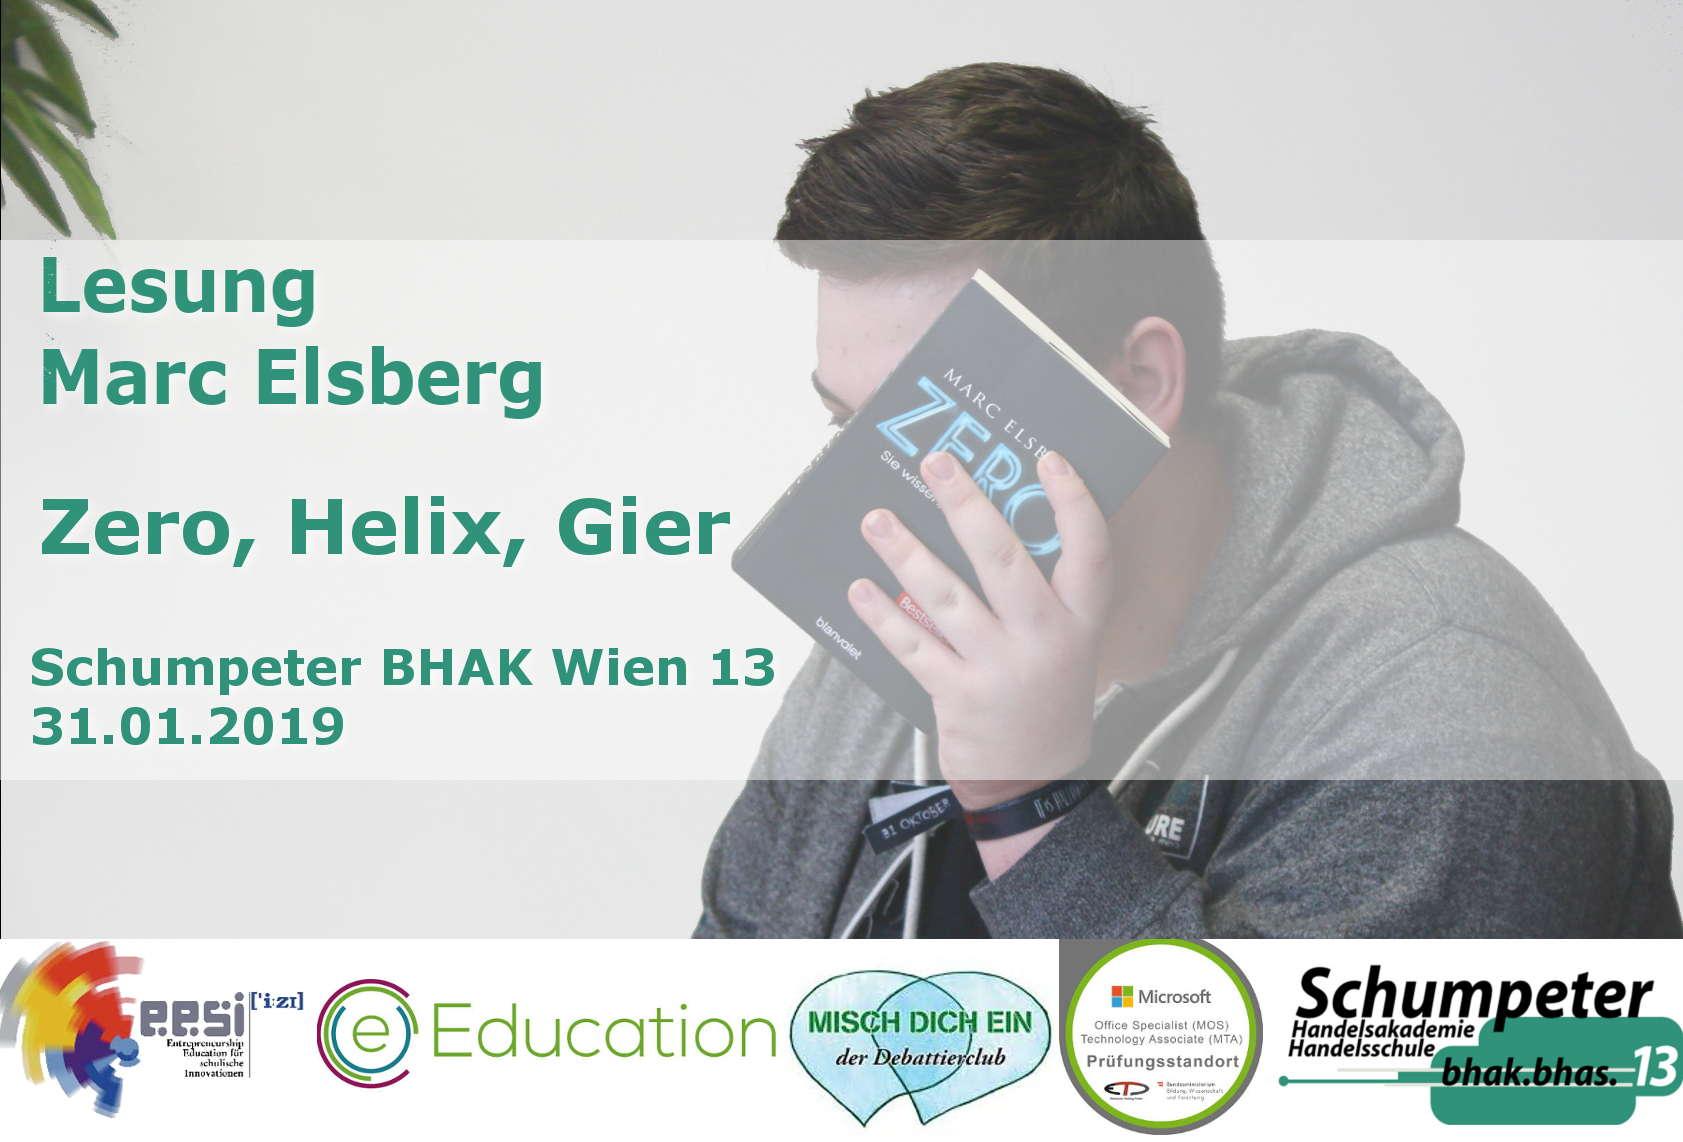 Lesung mit Marc Elsberg